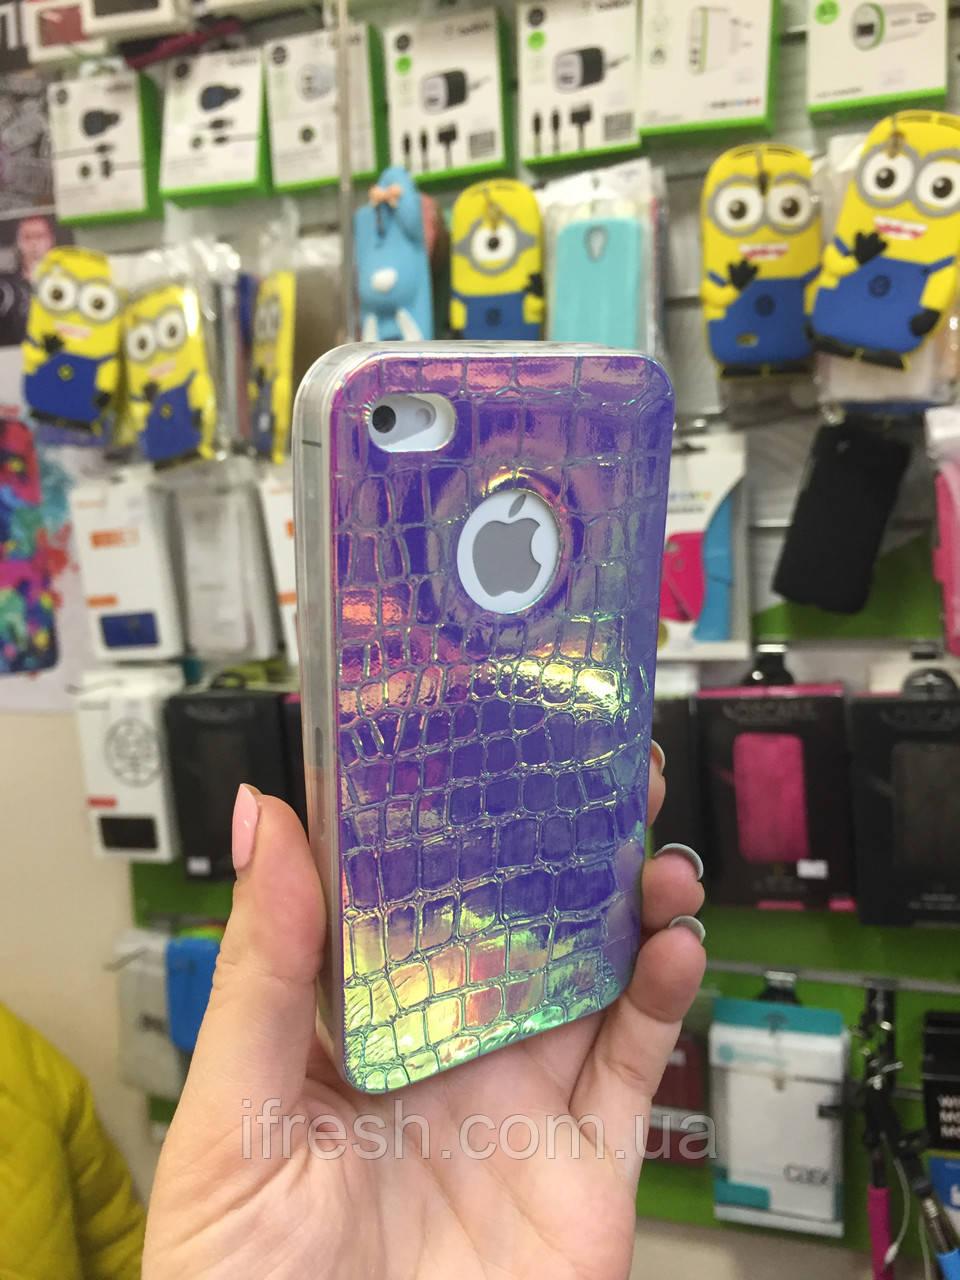 Чехол силиконовый ХАМЕЛЕОН для iPhone 6/6s, голубой/розовый